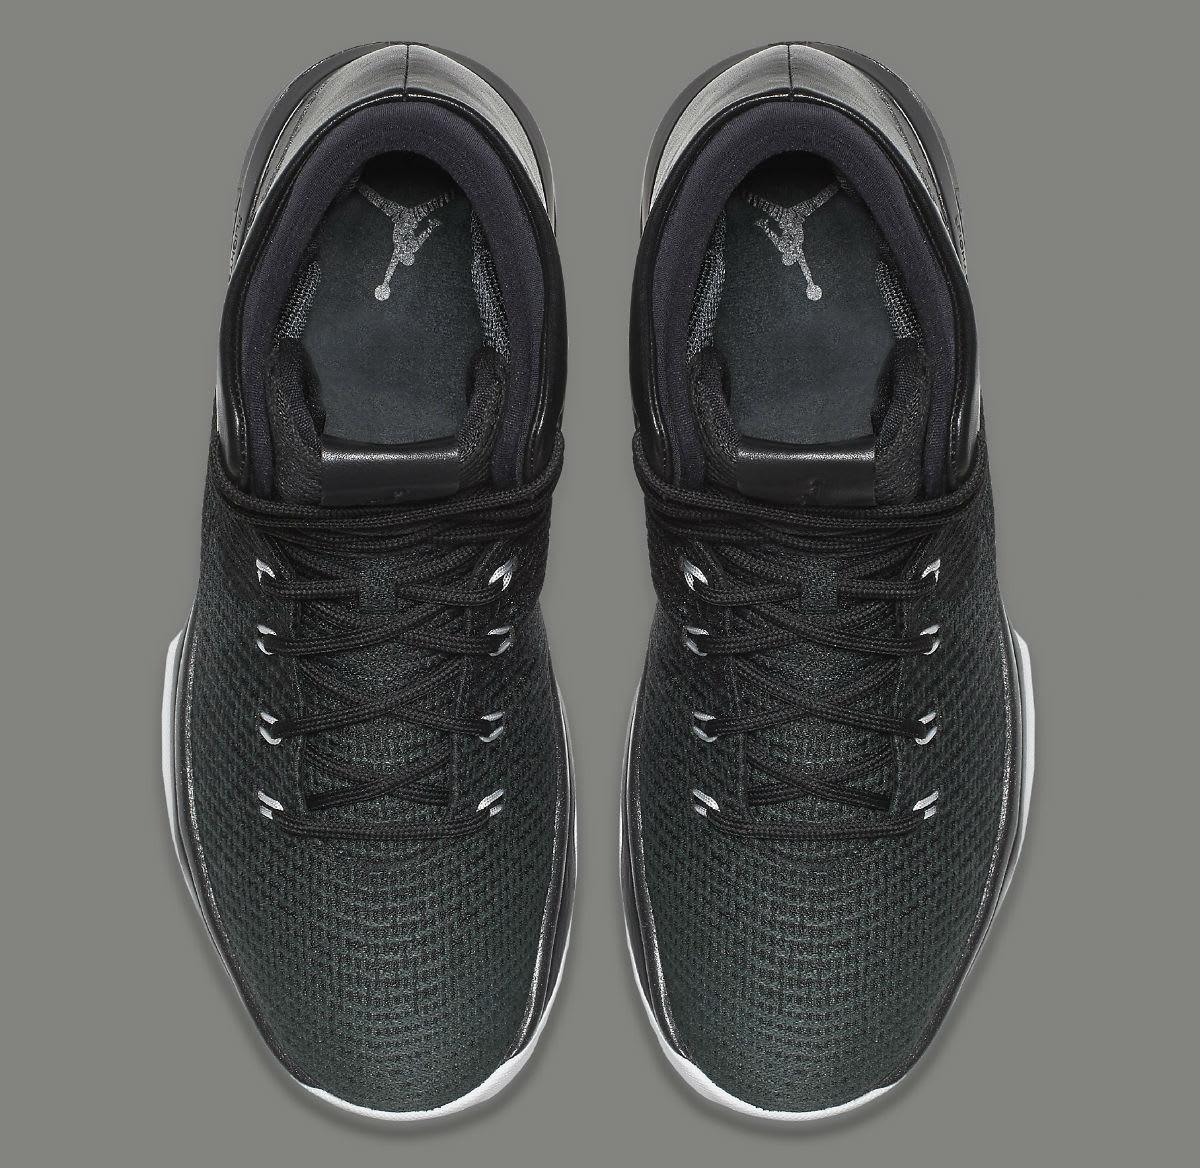 Air Jordan 31 Black Cat Release Date Top 845037-010